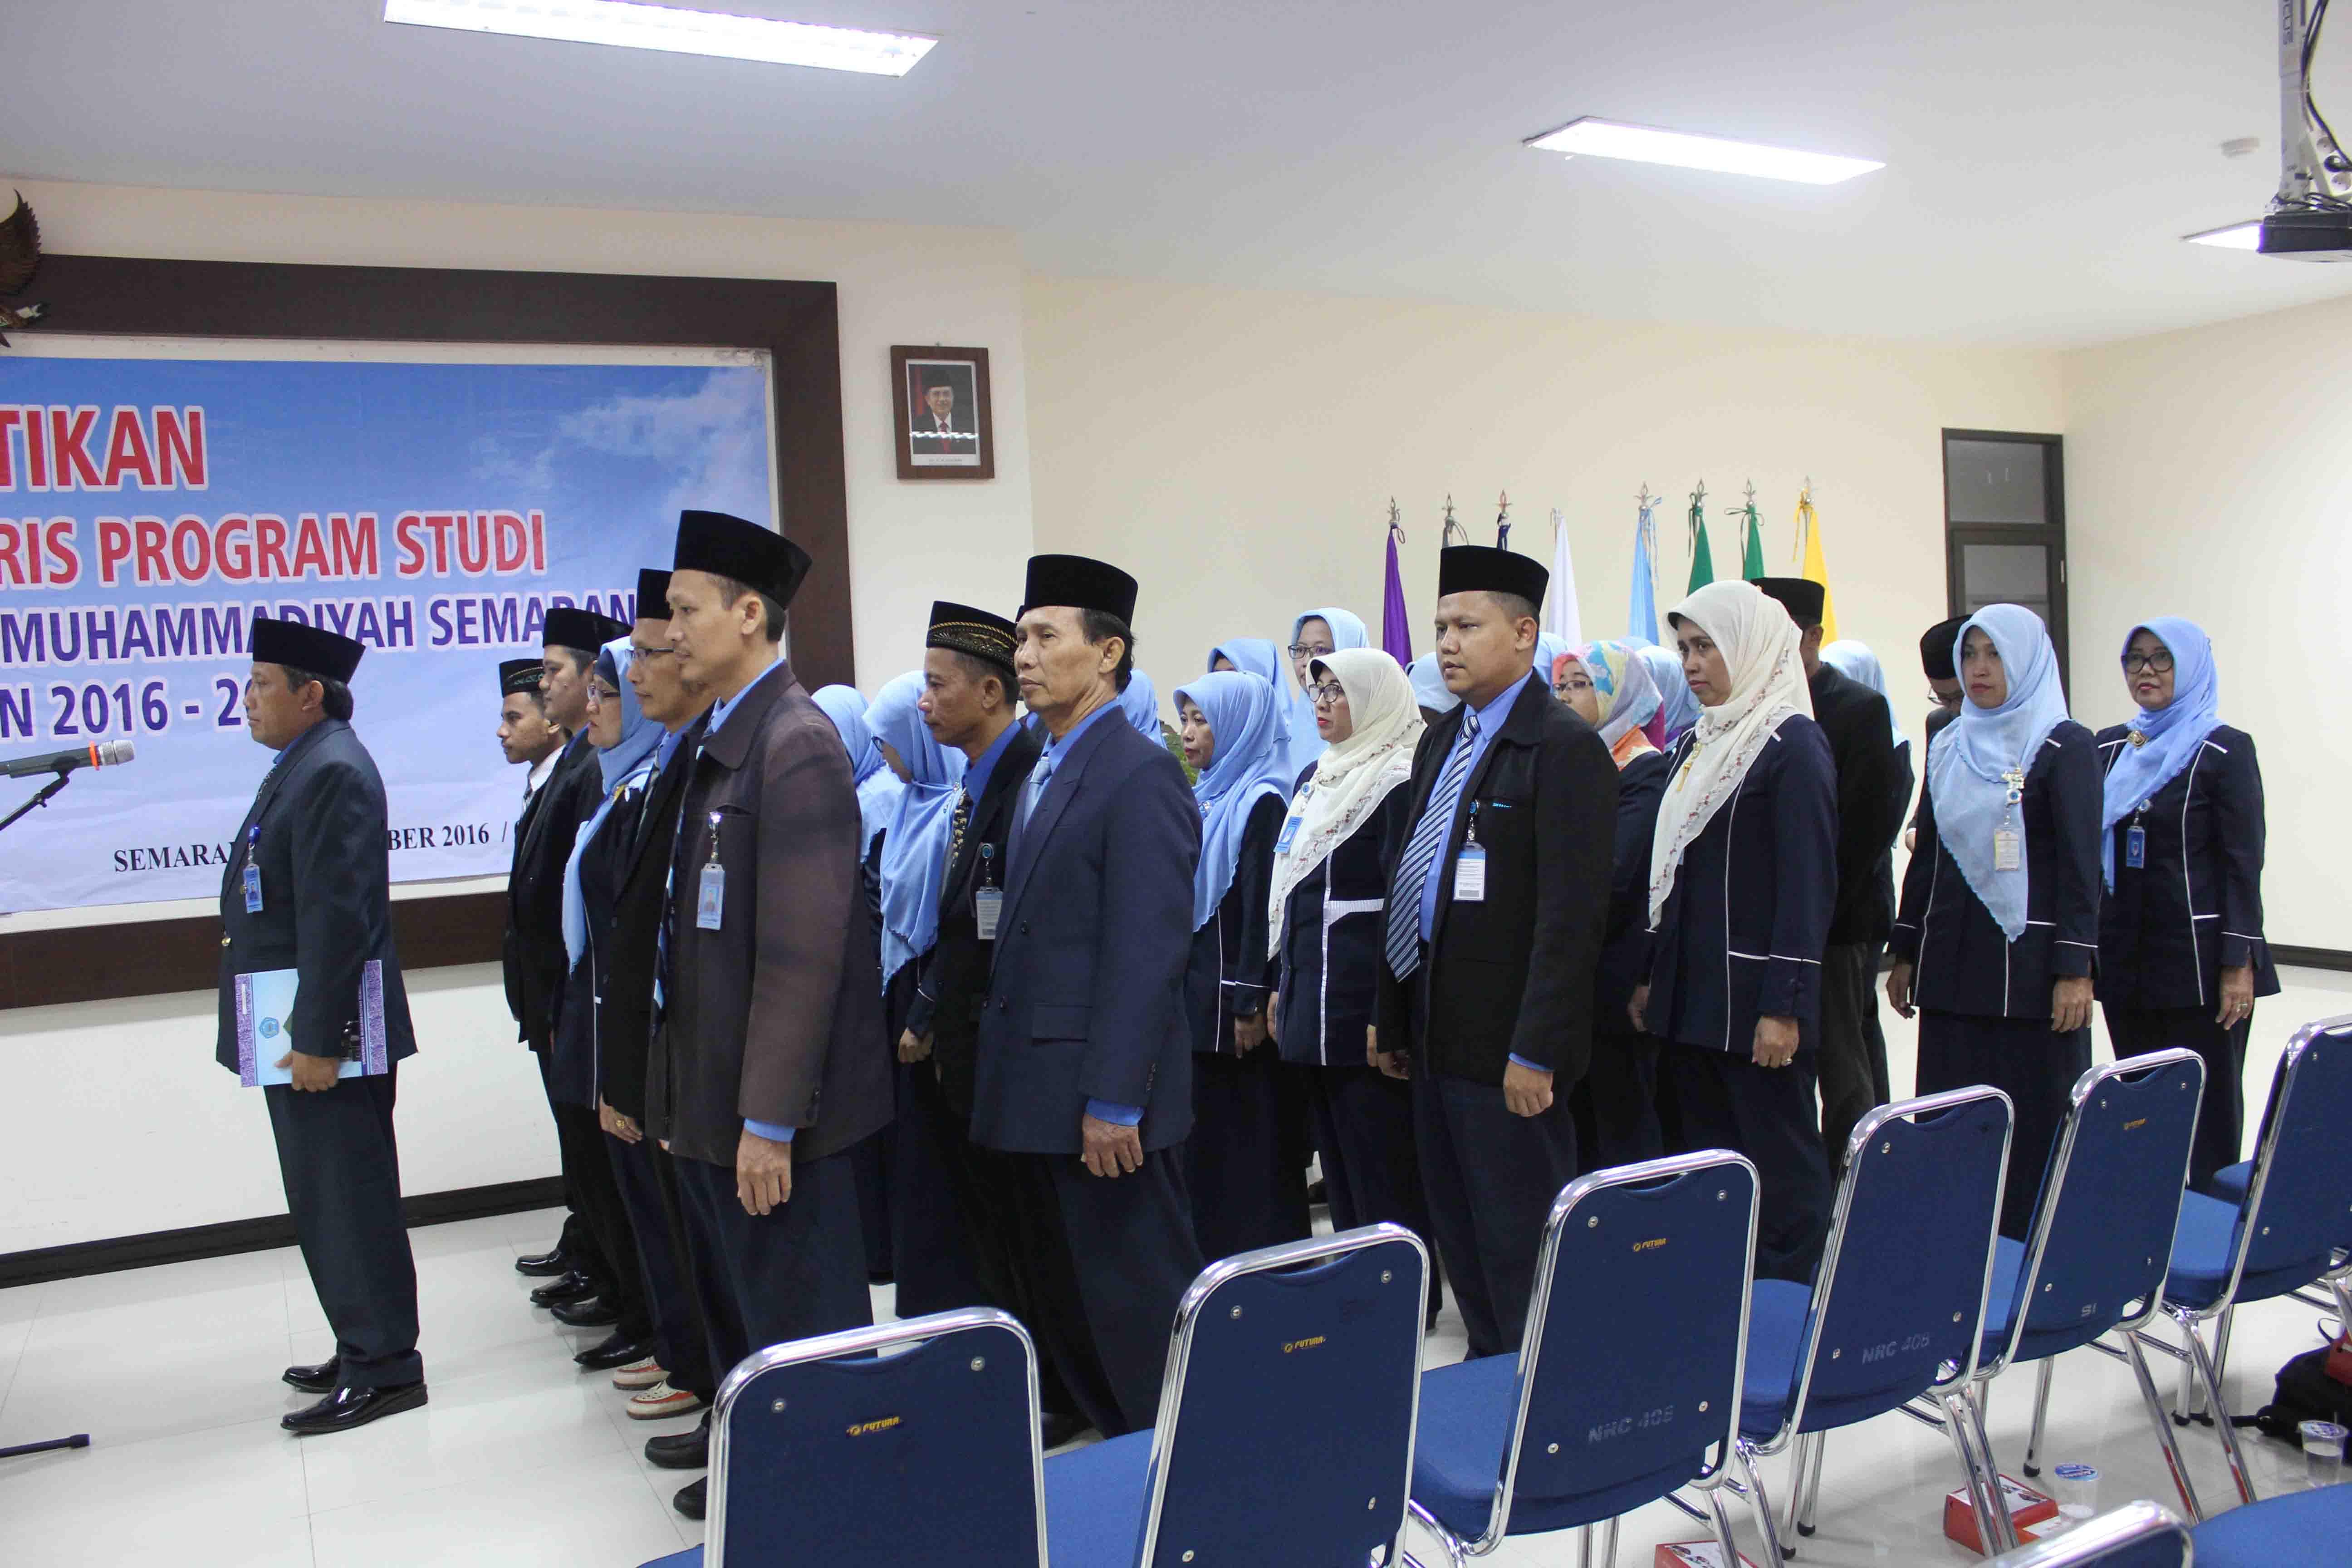 Pelantikan Ketua dan Sekretaris Program studi